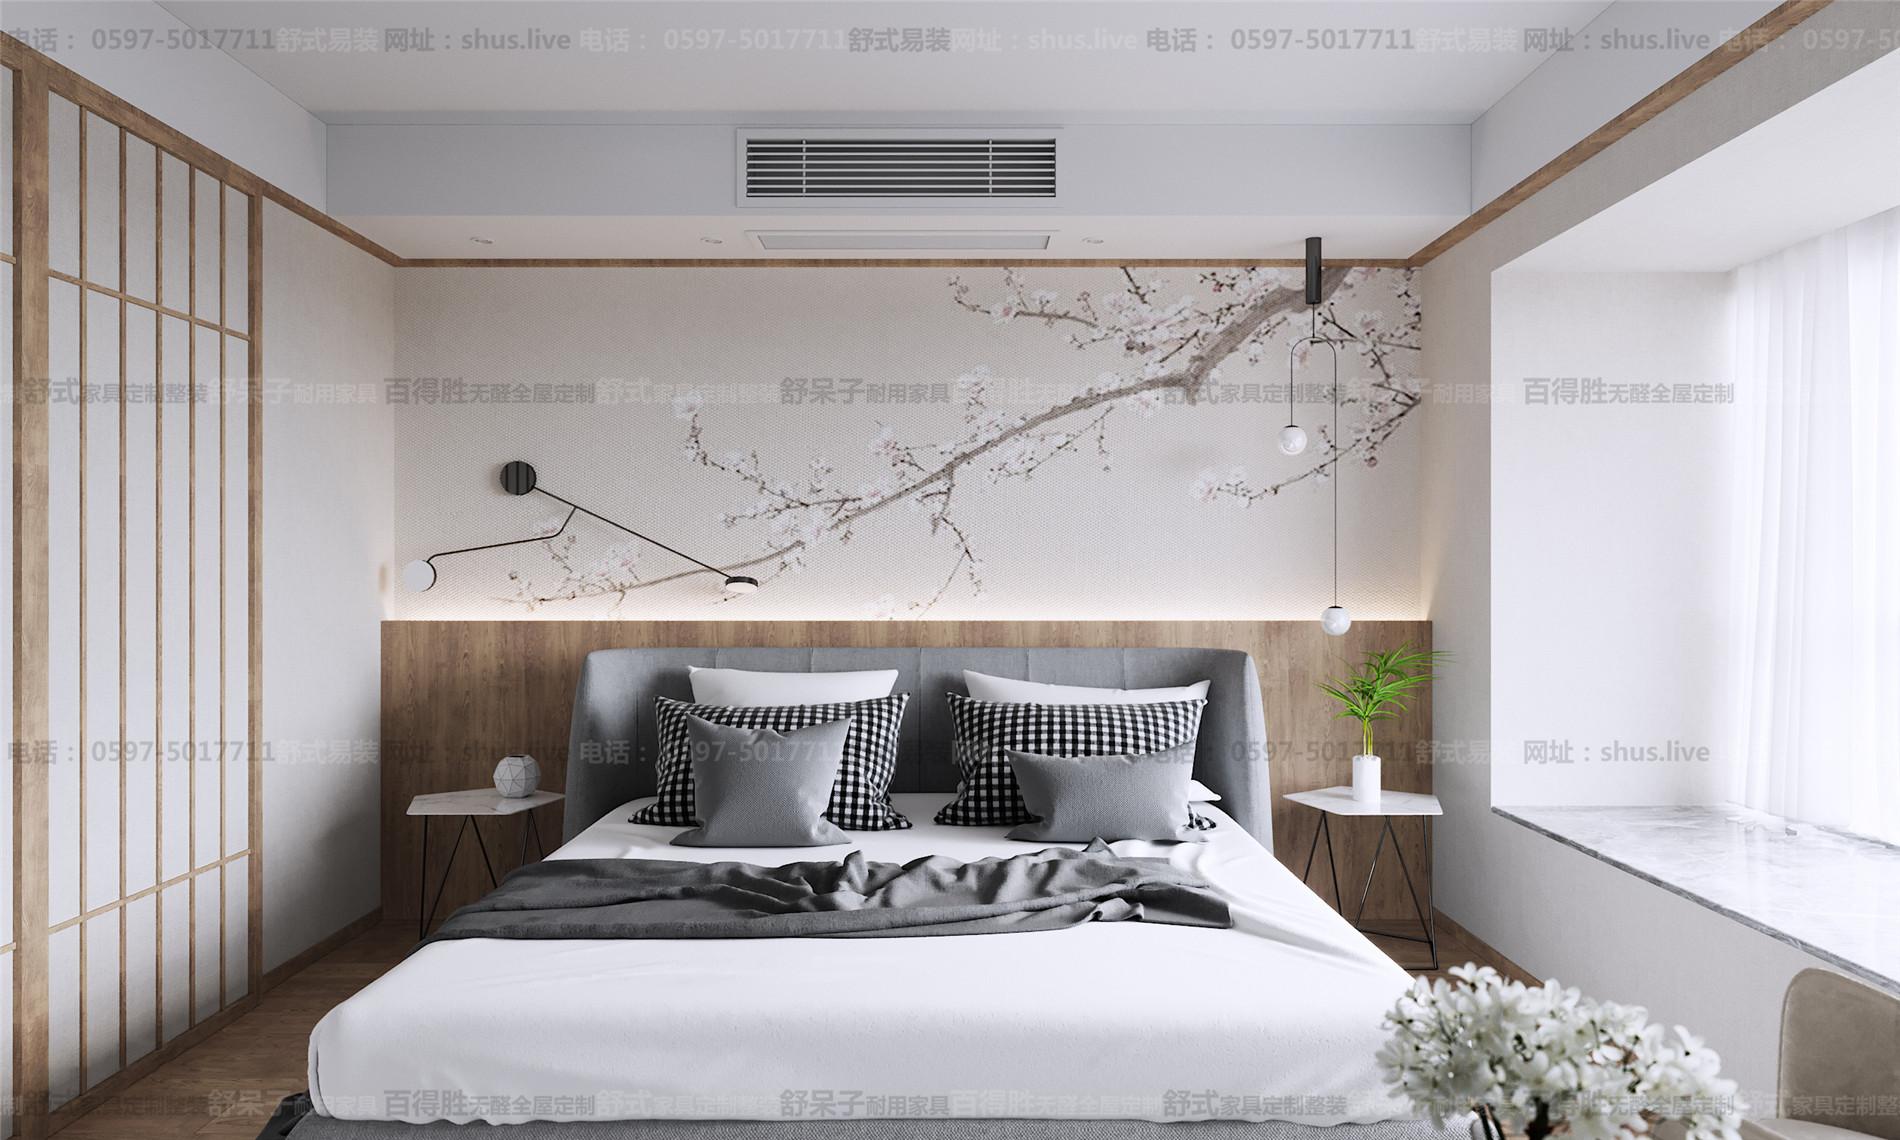 日式现代-全屋整装-舒式易装-置身都市又偏爱素净的选择